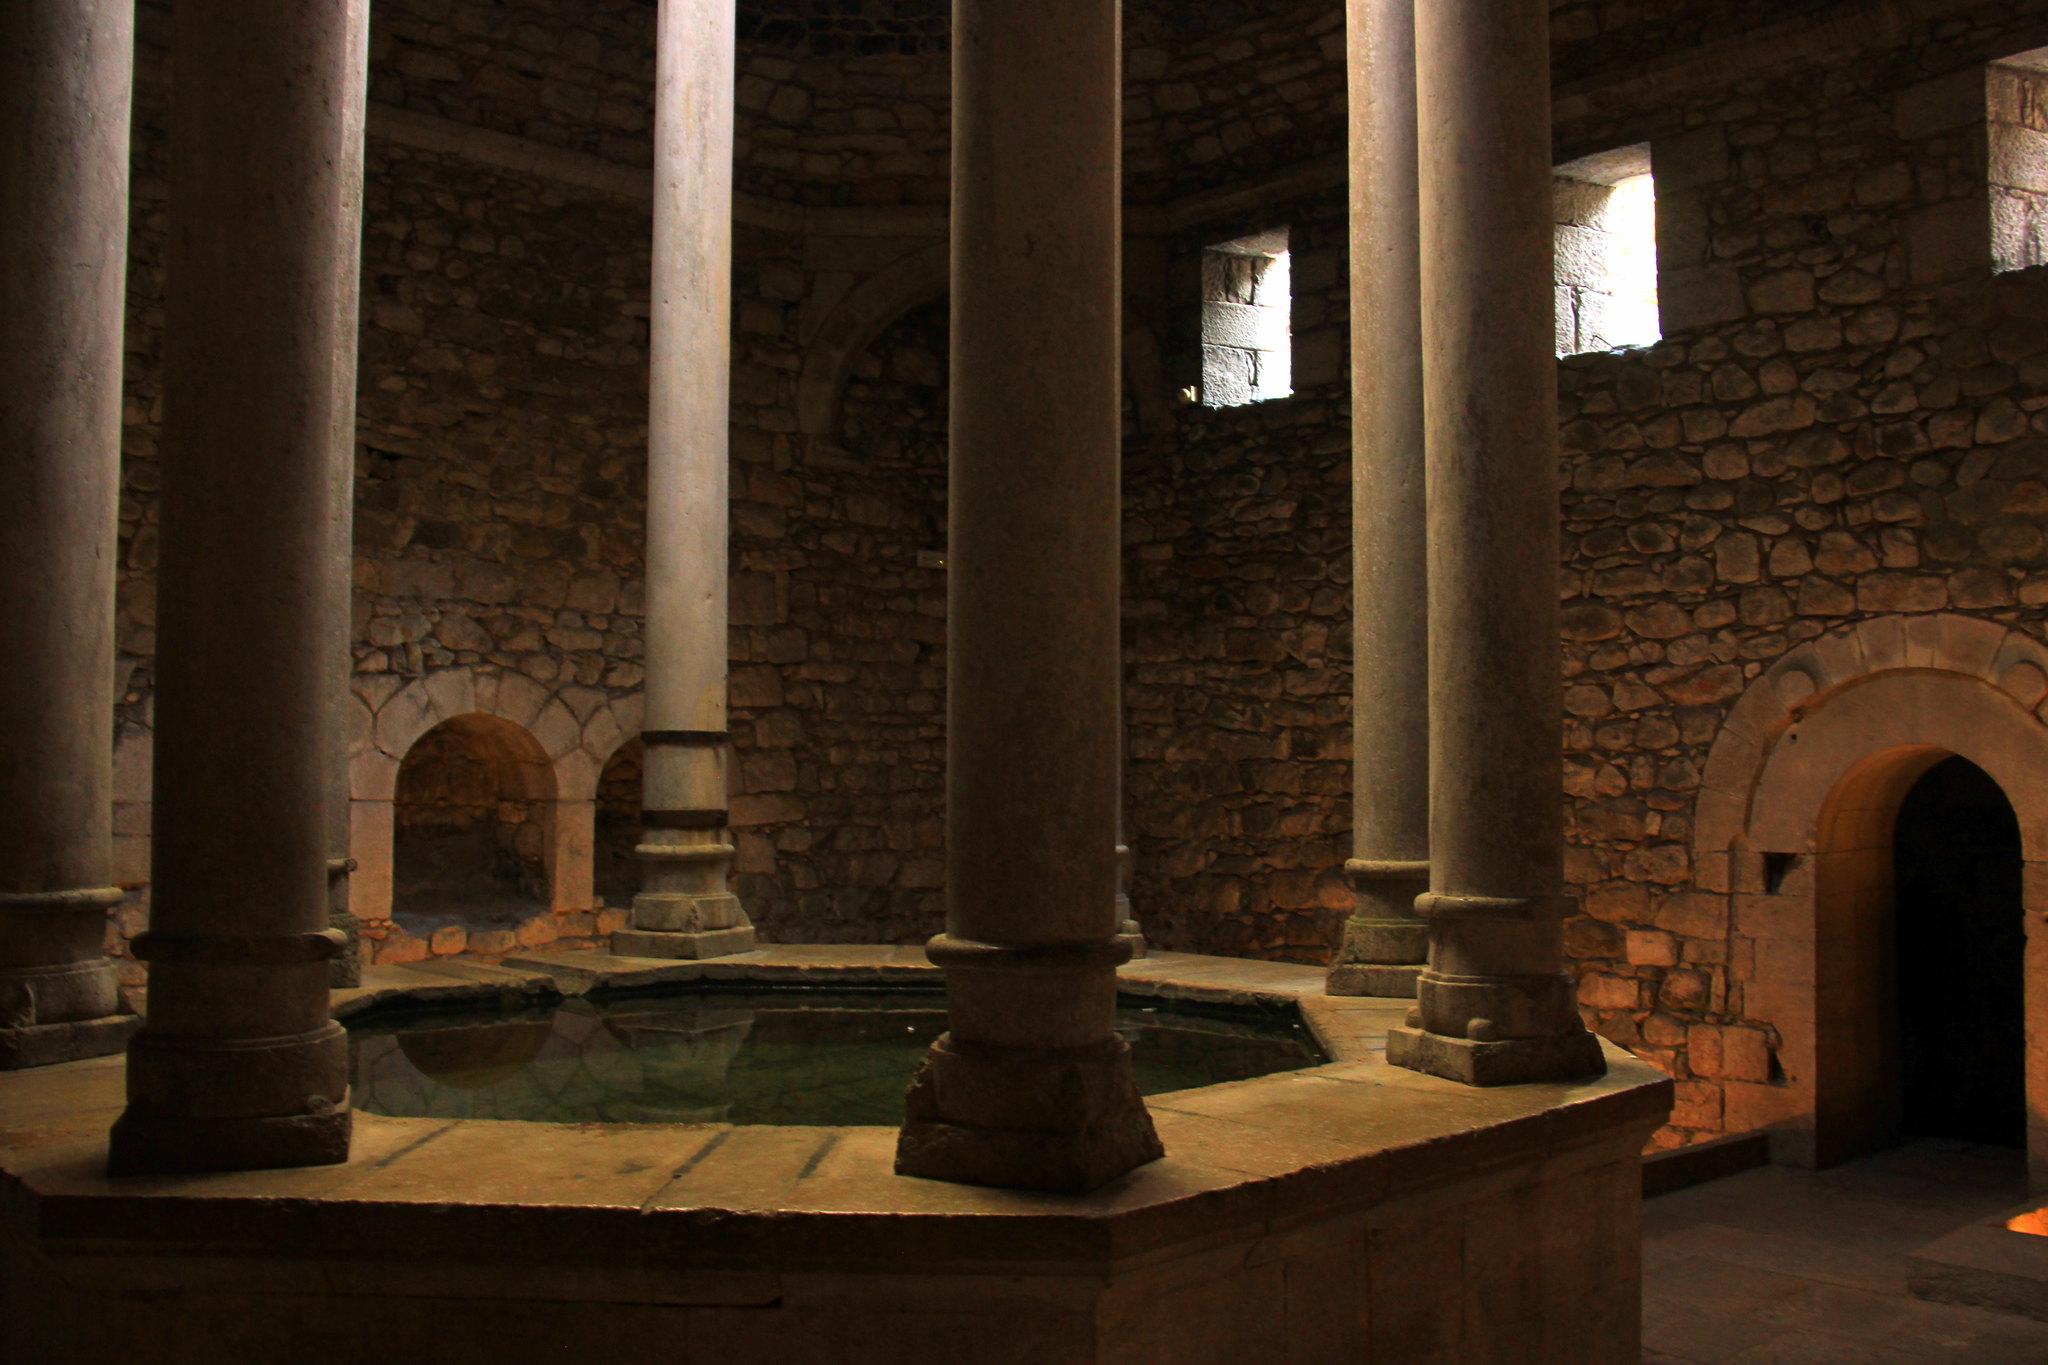 The domed Arab Bath at Girona